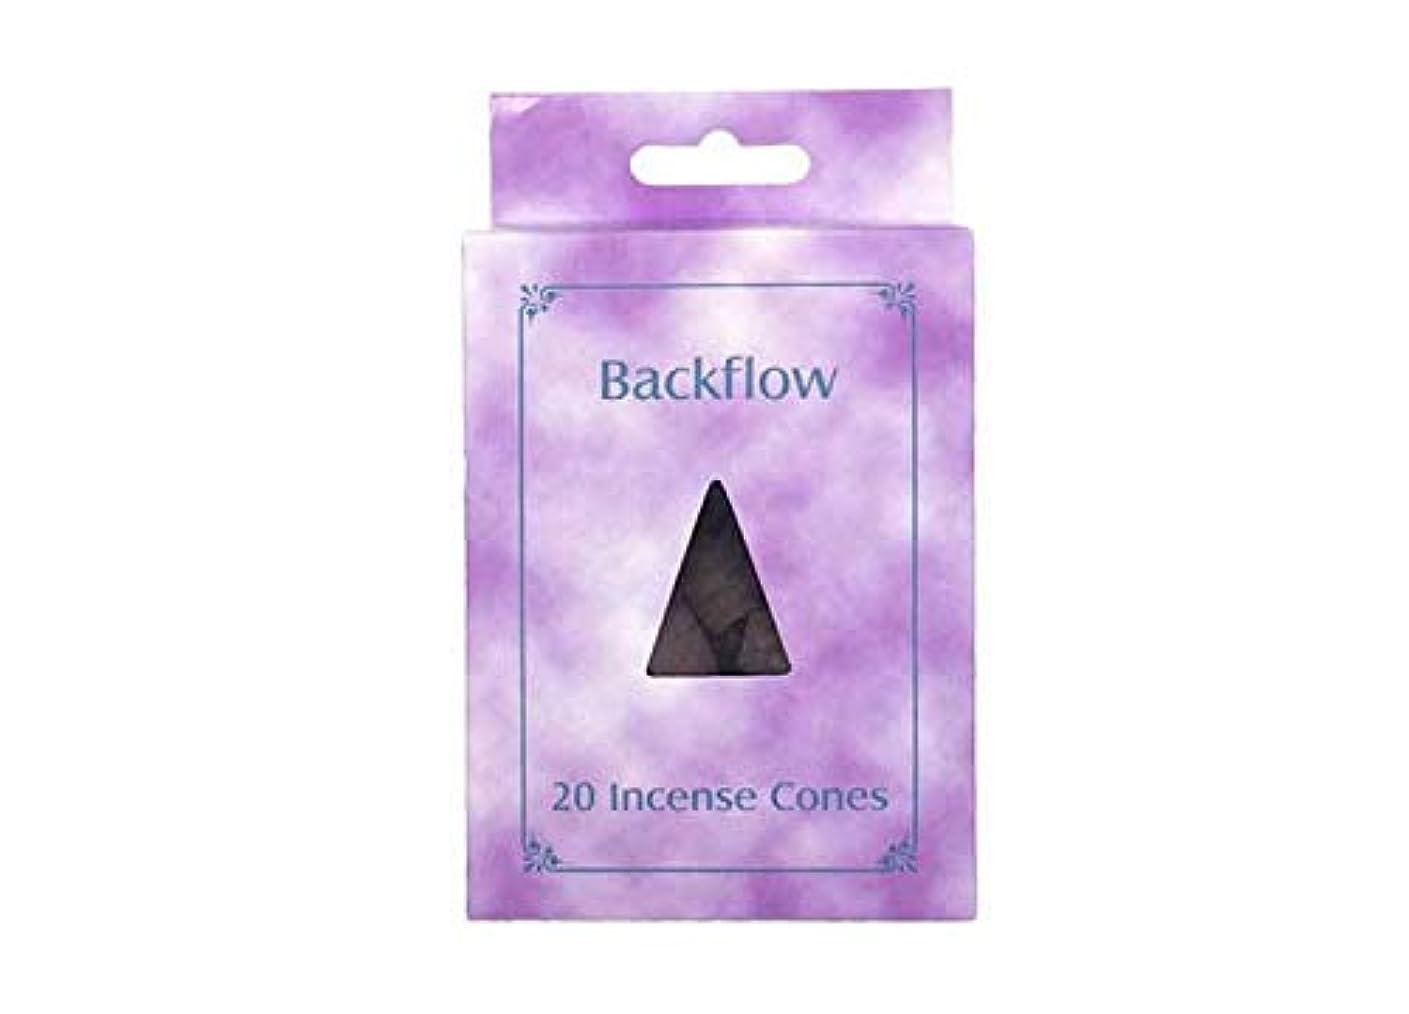 夢荒涼としたシフトお香 逆流コーン 逆流香 20p サンダルウッド Backflow Incense Cones 20p Sandalwood